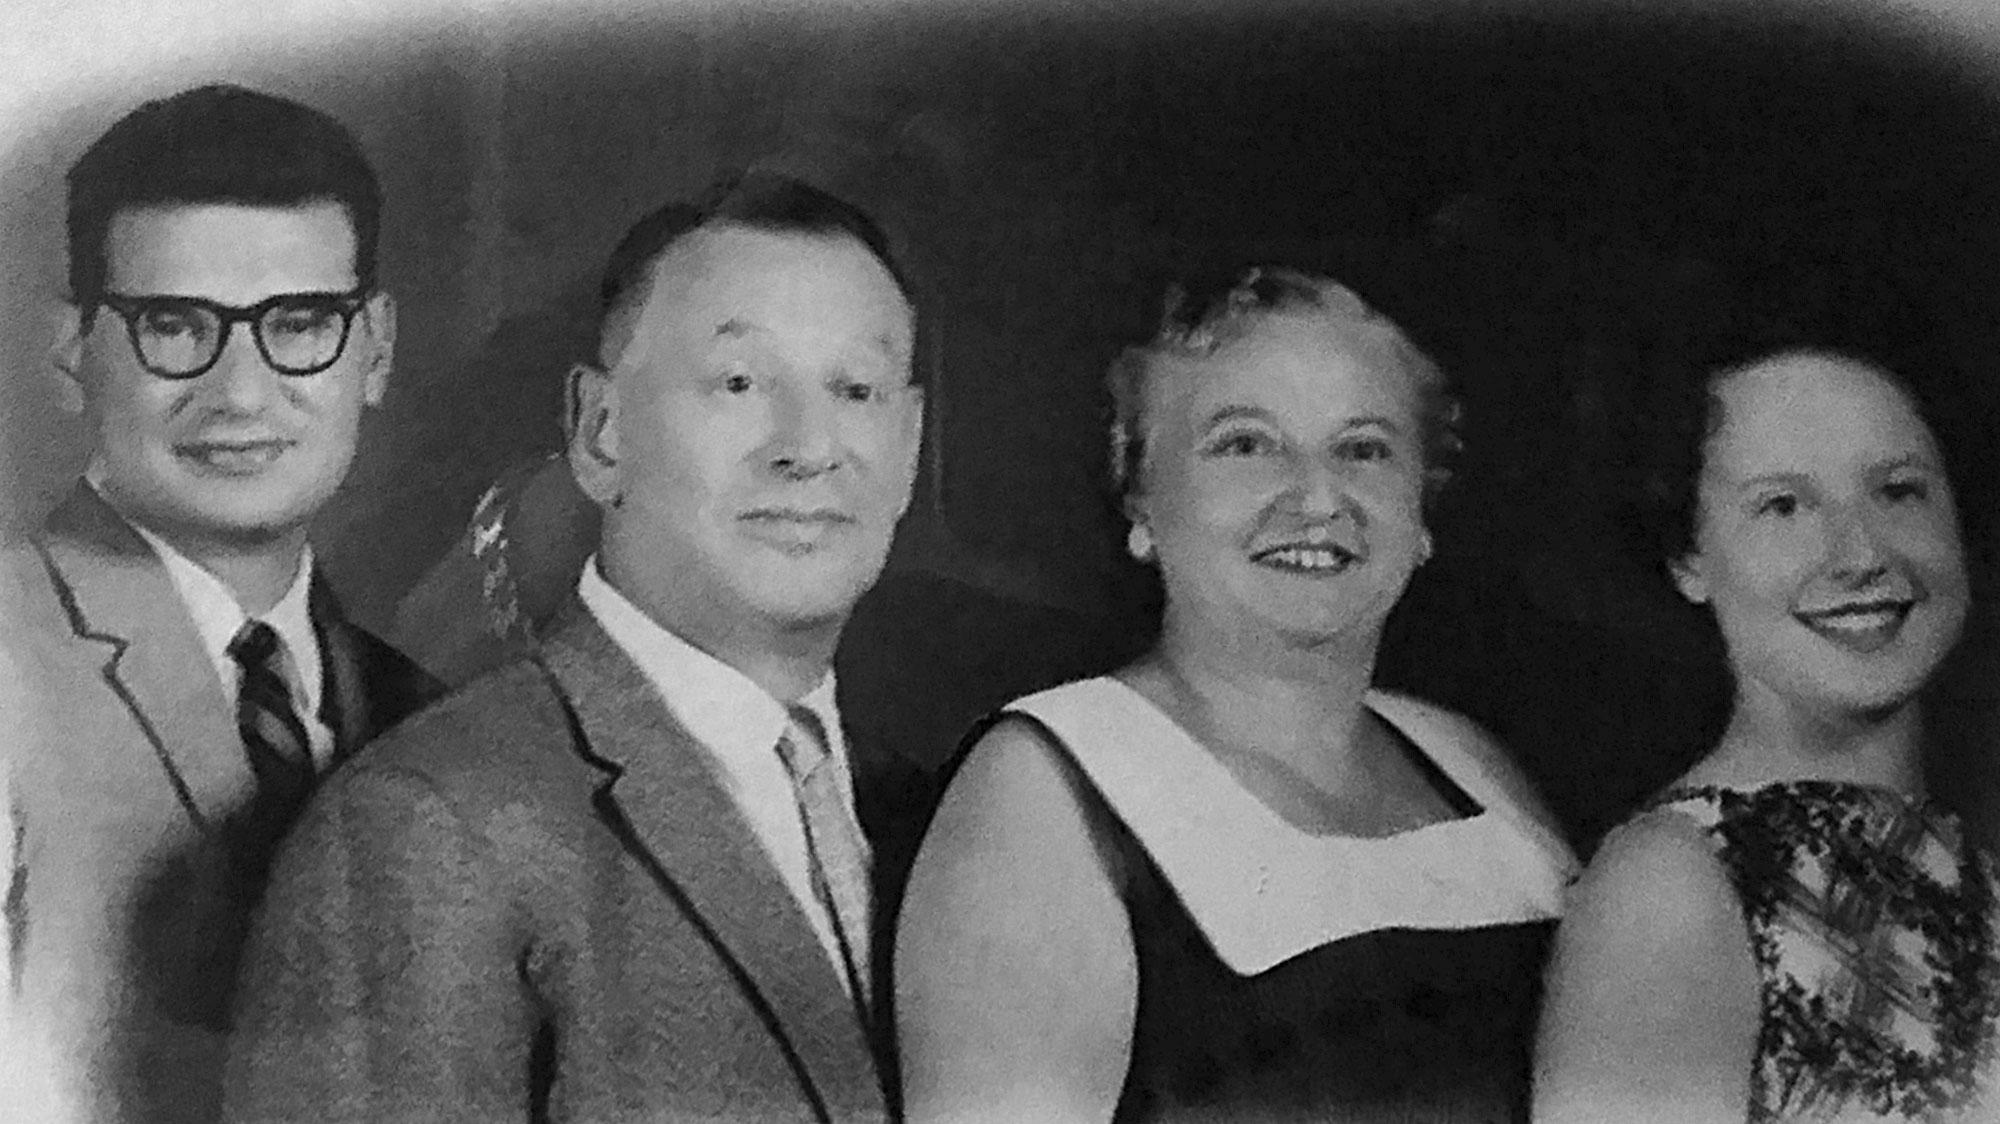 Familie Knurr v.l.n.r. Werner, Erich, Melanie und Evelyn